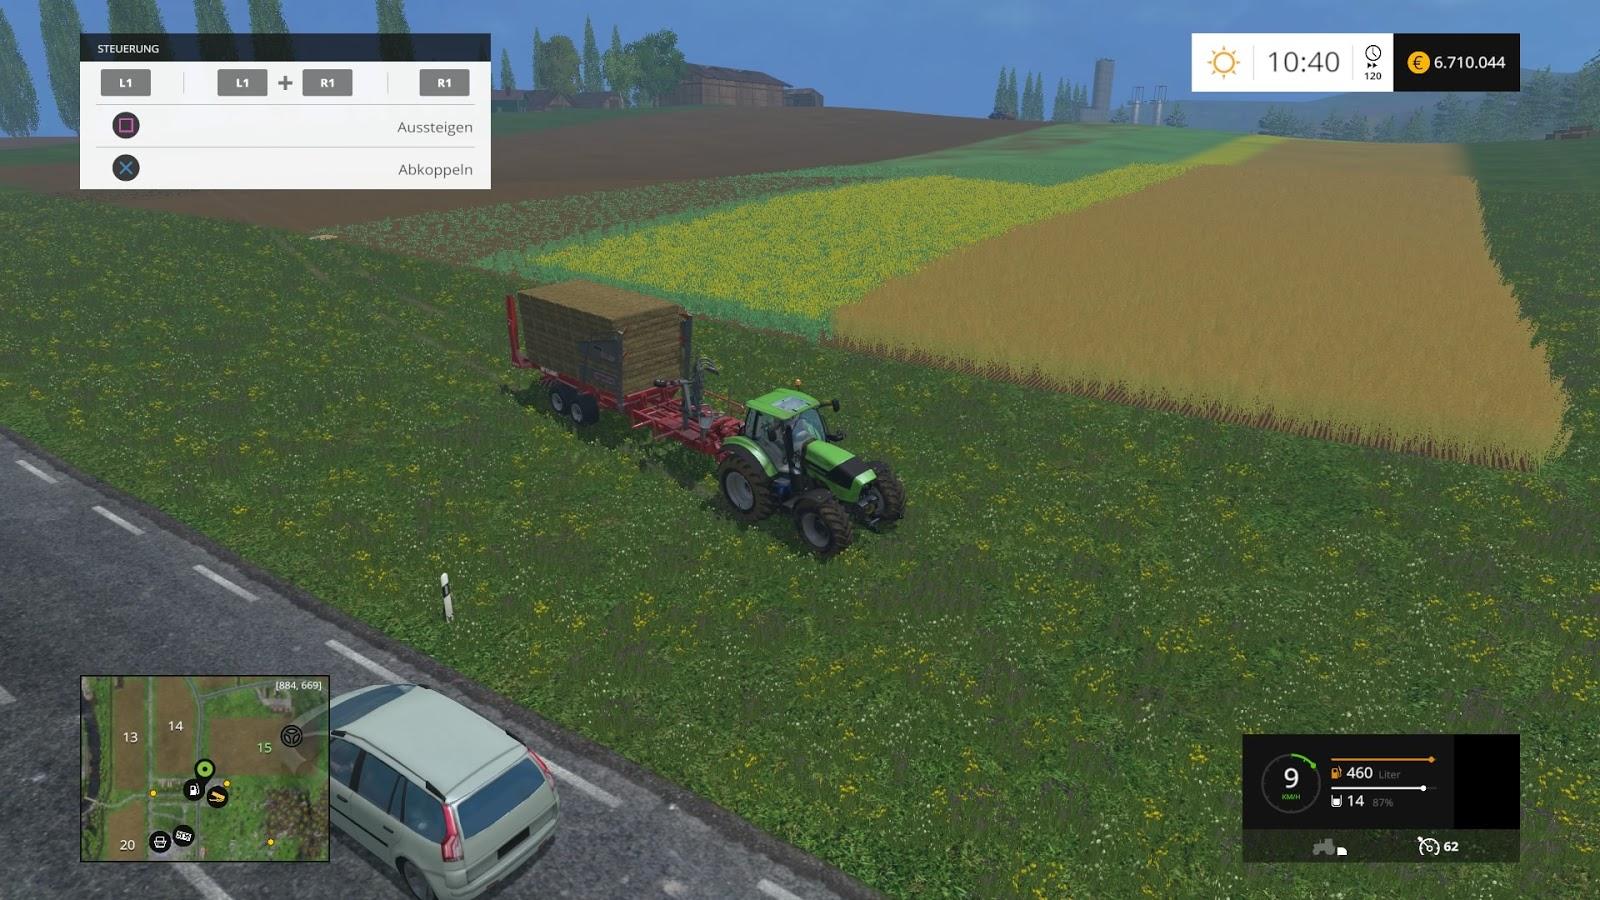 Tenemos los vídeos de Farming Simulator preferidos por los jugadores. Entra si quieres ver o compartir vídeos o gameplay de Farming Simulator